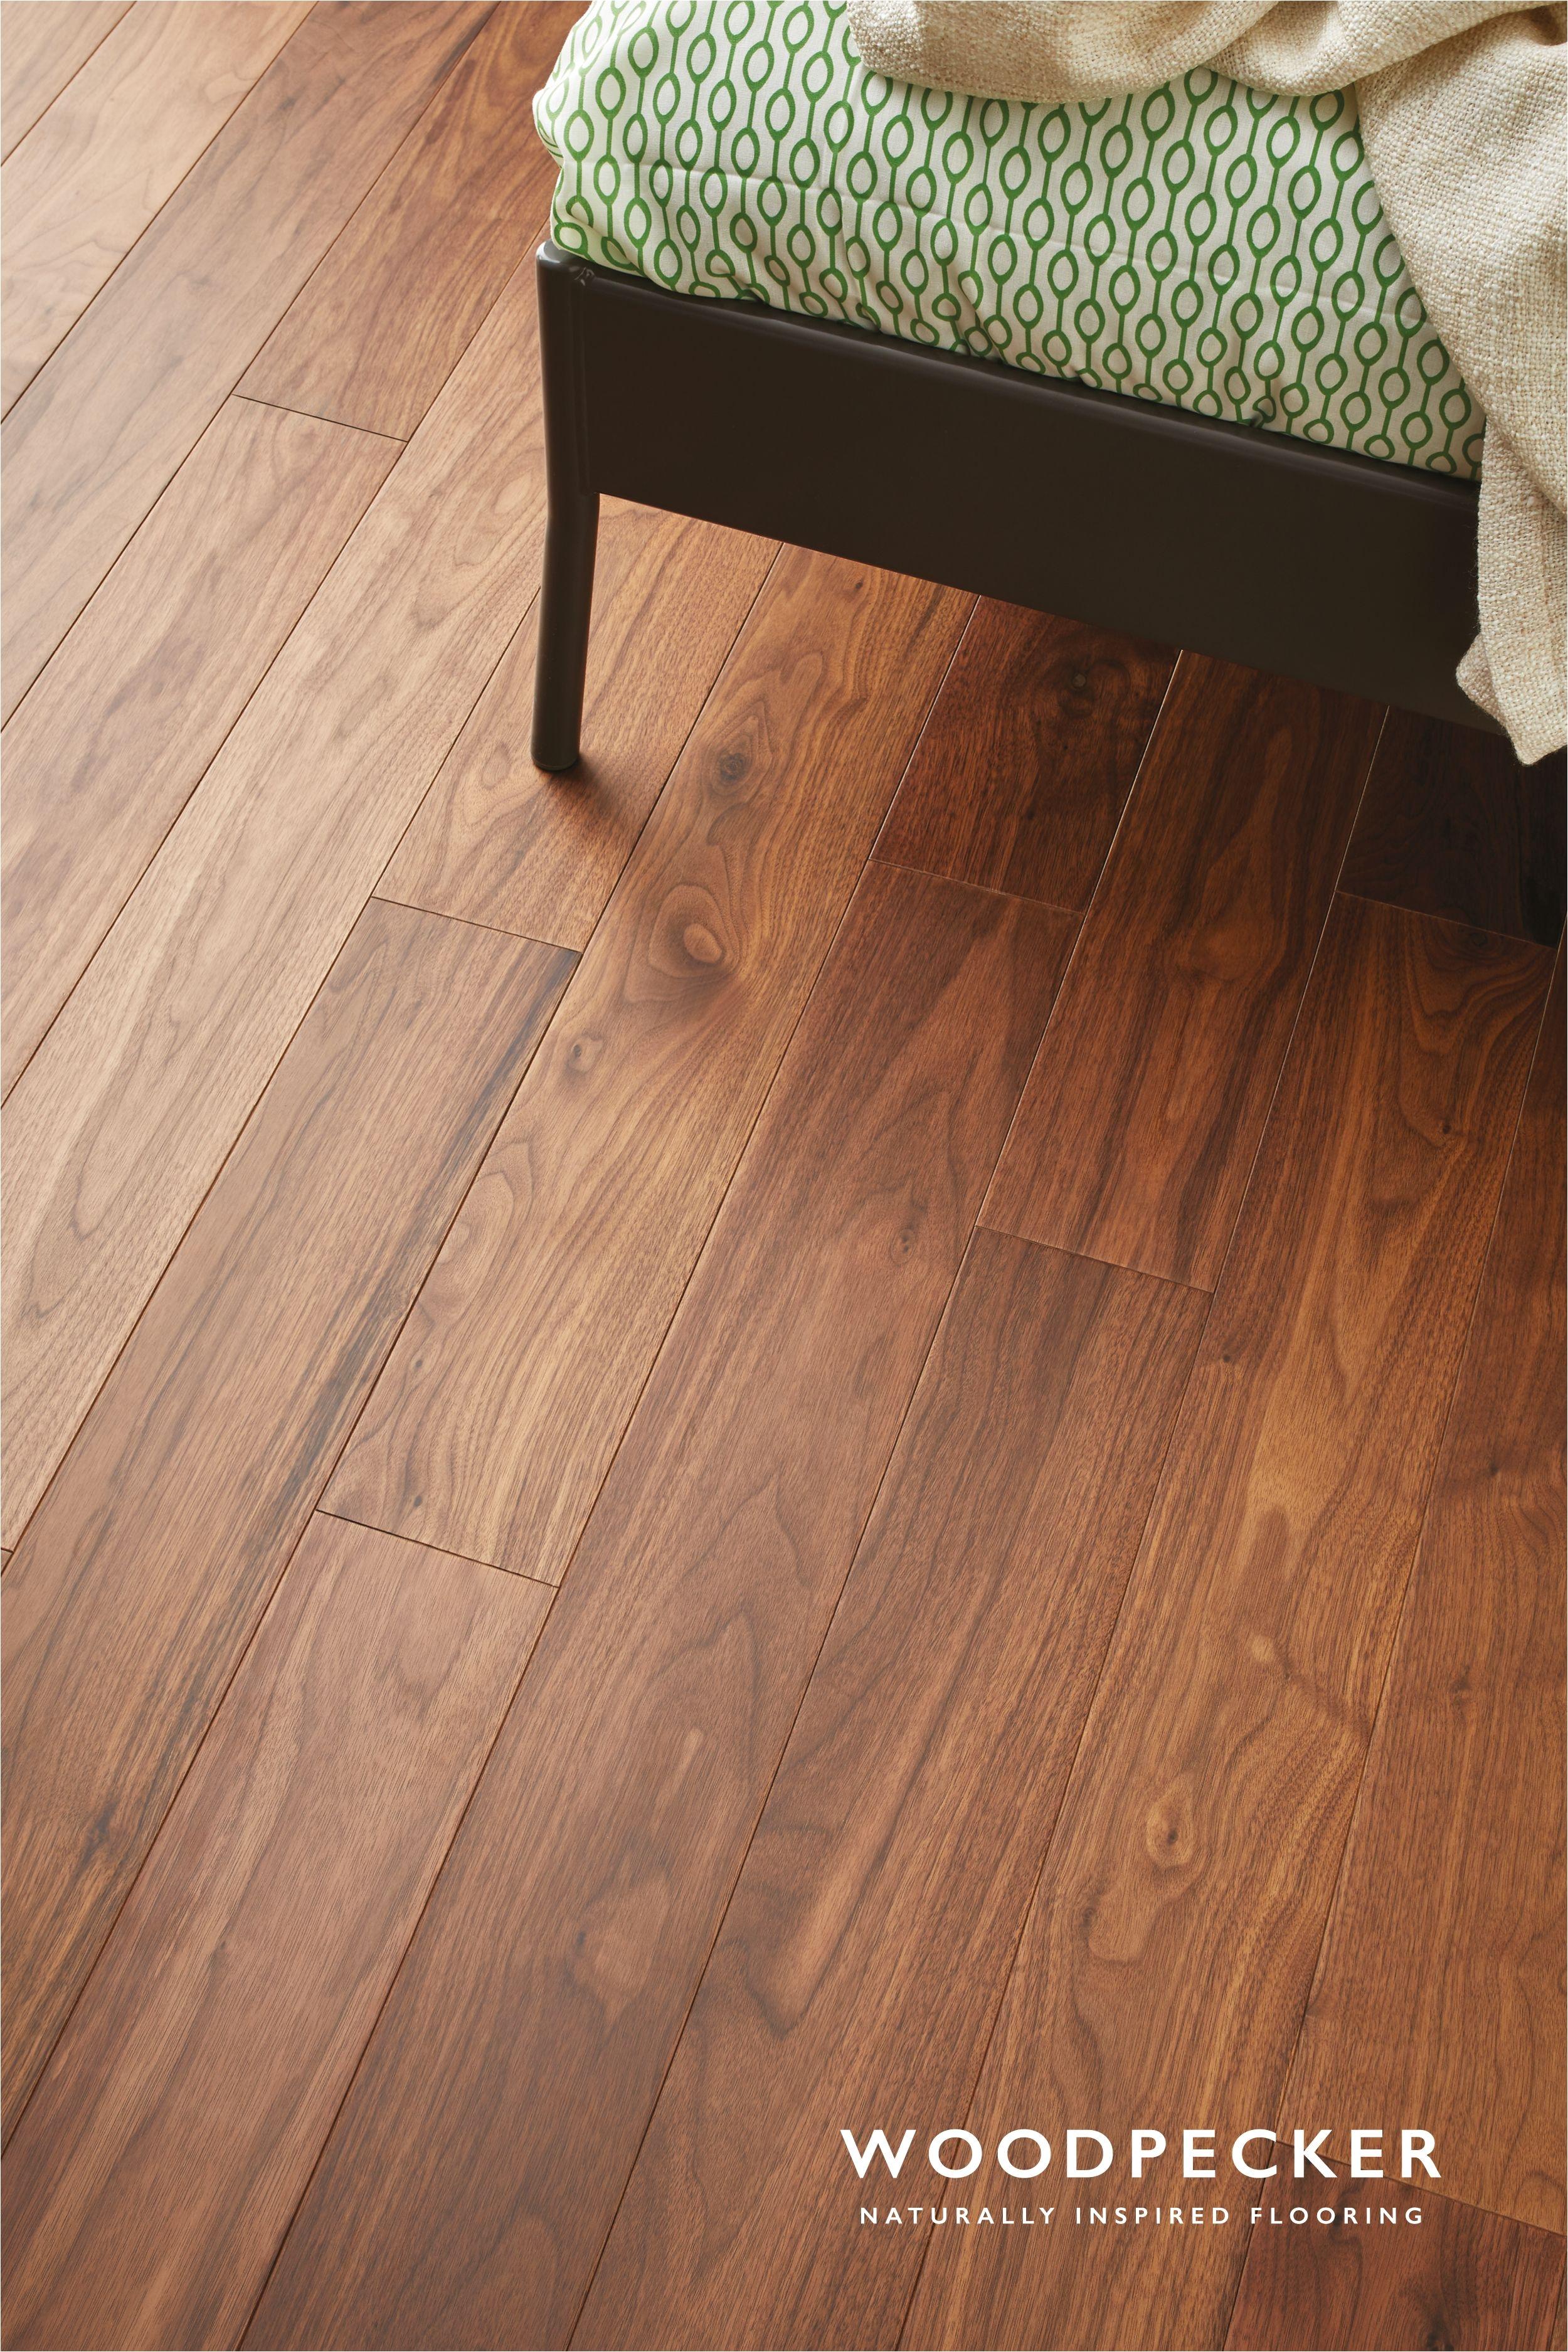 Bamboo Flooring and Dogs Raglan Walnut Exotic Engineered Wood and Wood Flooring